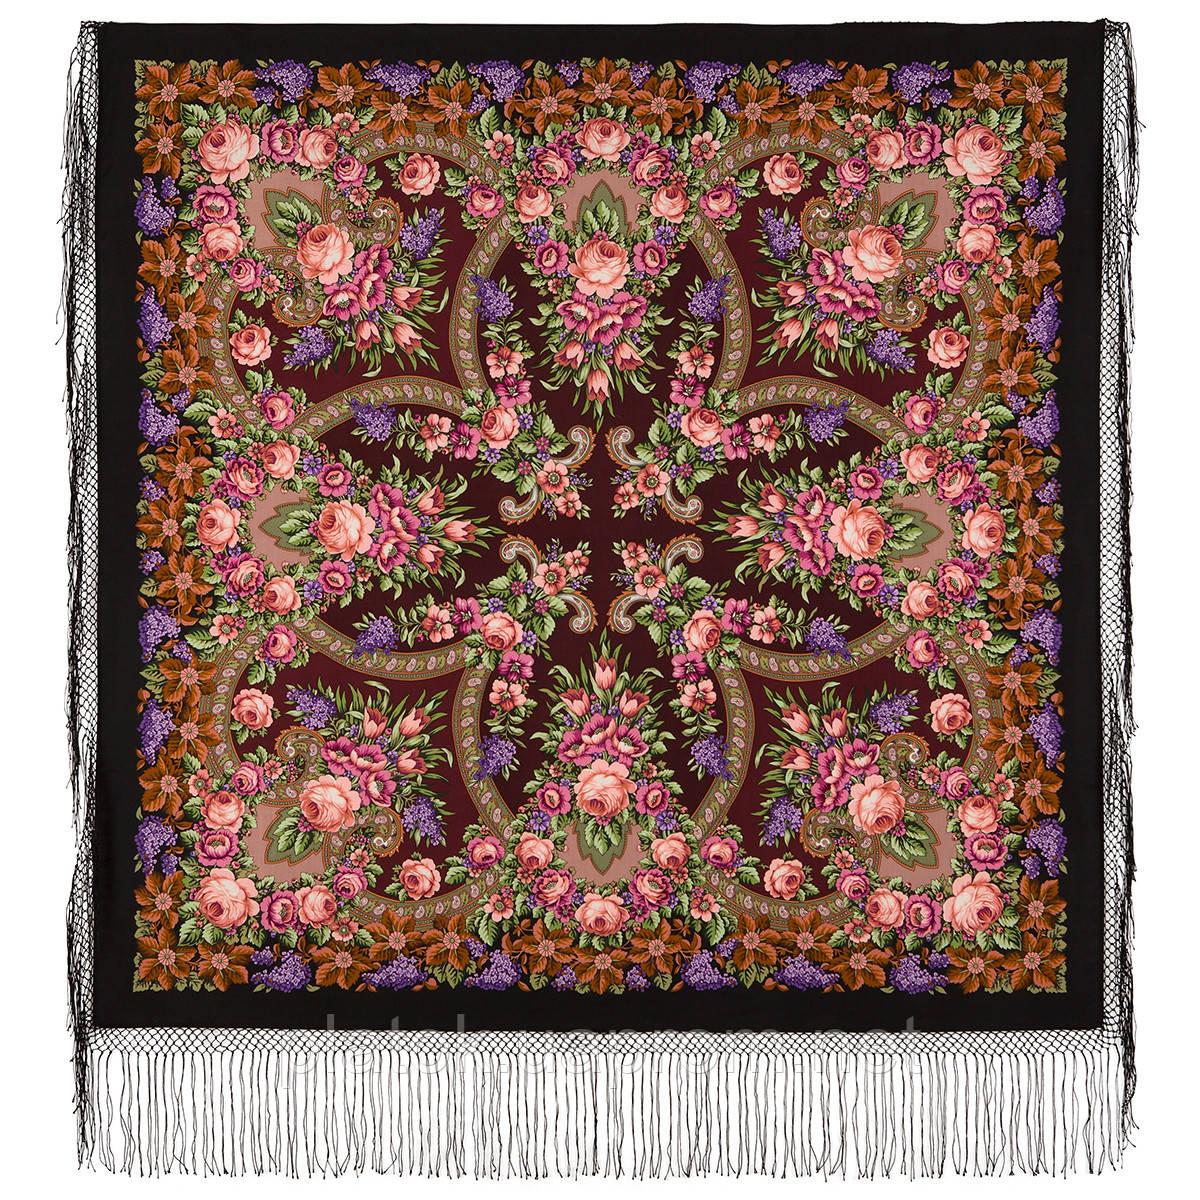 Воспоминания о лете 563-18, павлопосадский платок (шаль) из уплотненной шерсти с шелковой вязанной бахромой